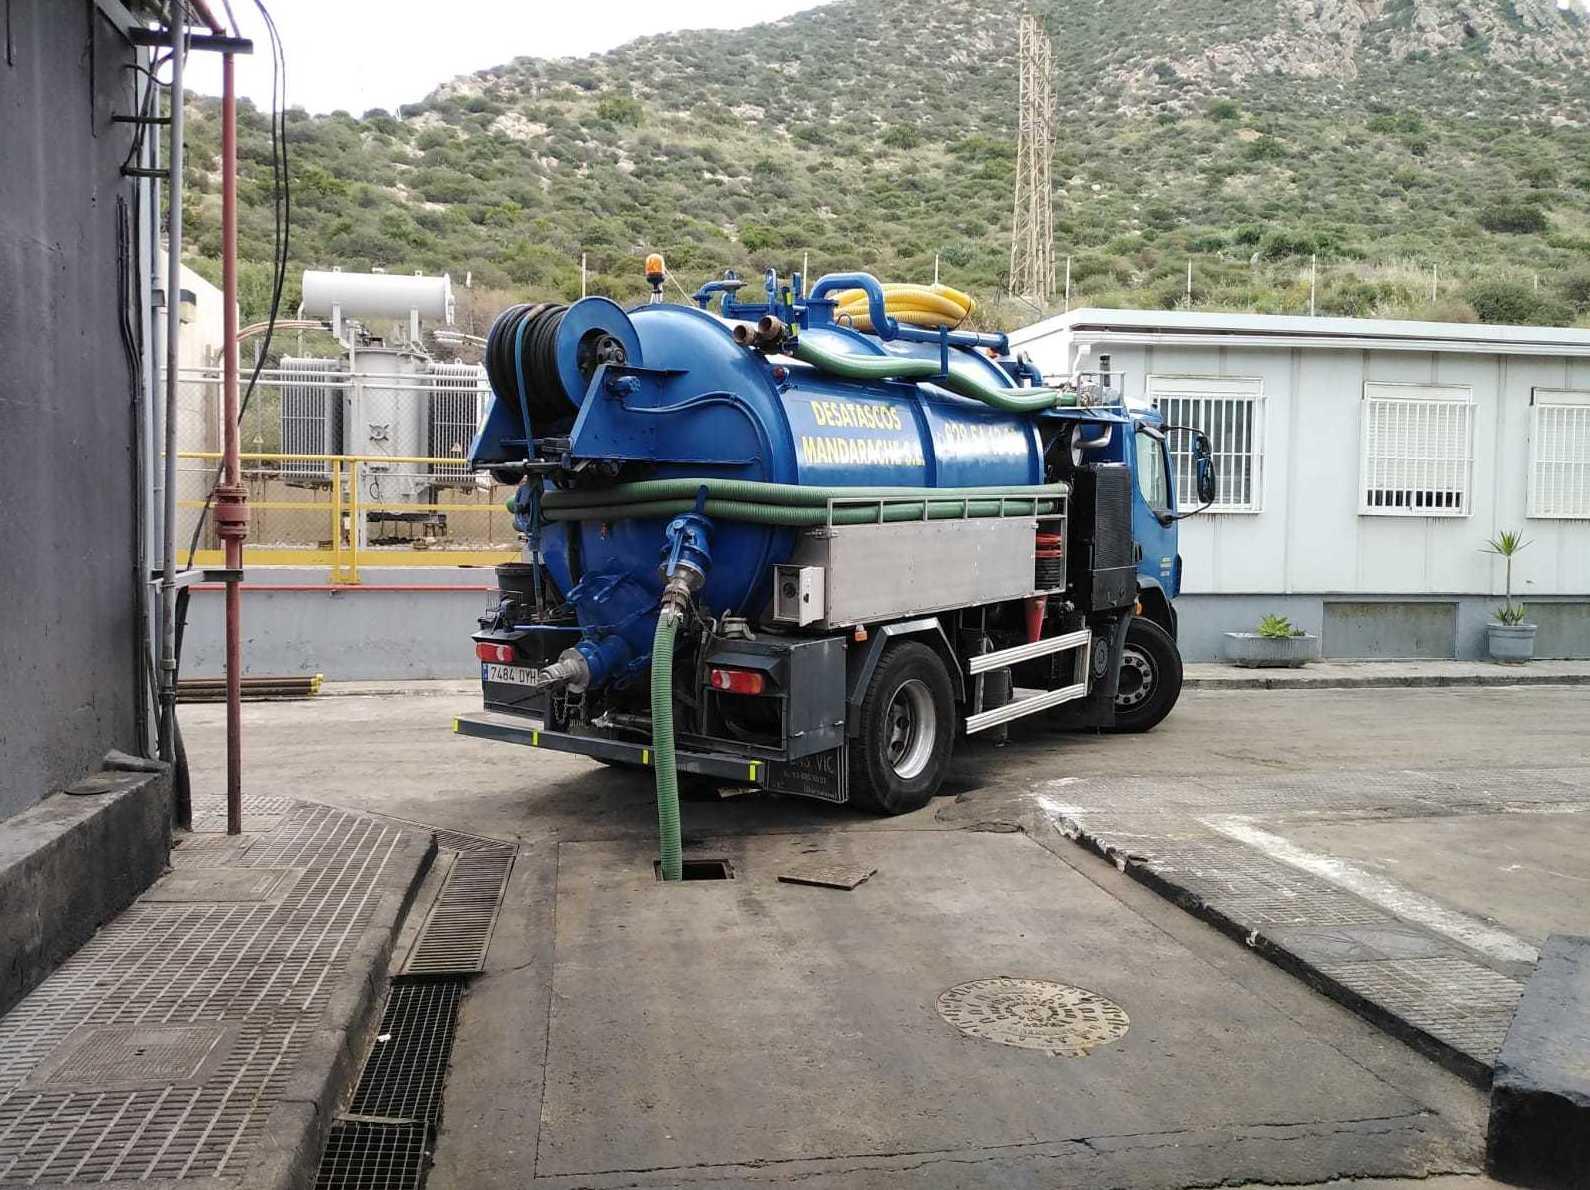 Foto 17 de Desatascos en Cartagena | Desatascos Mandarache, S.L.